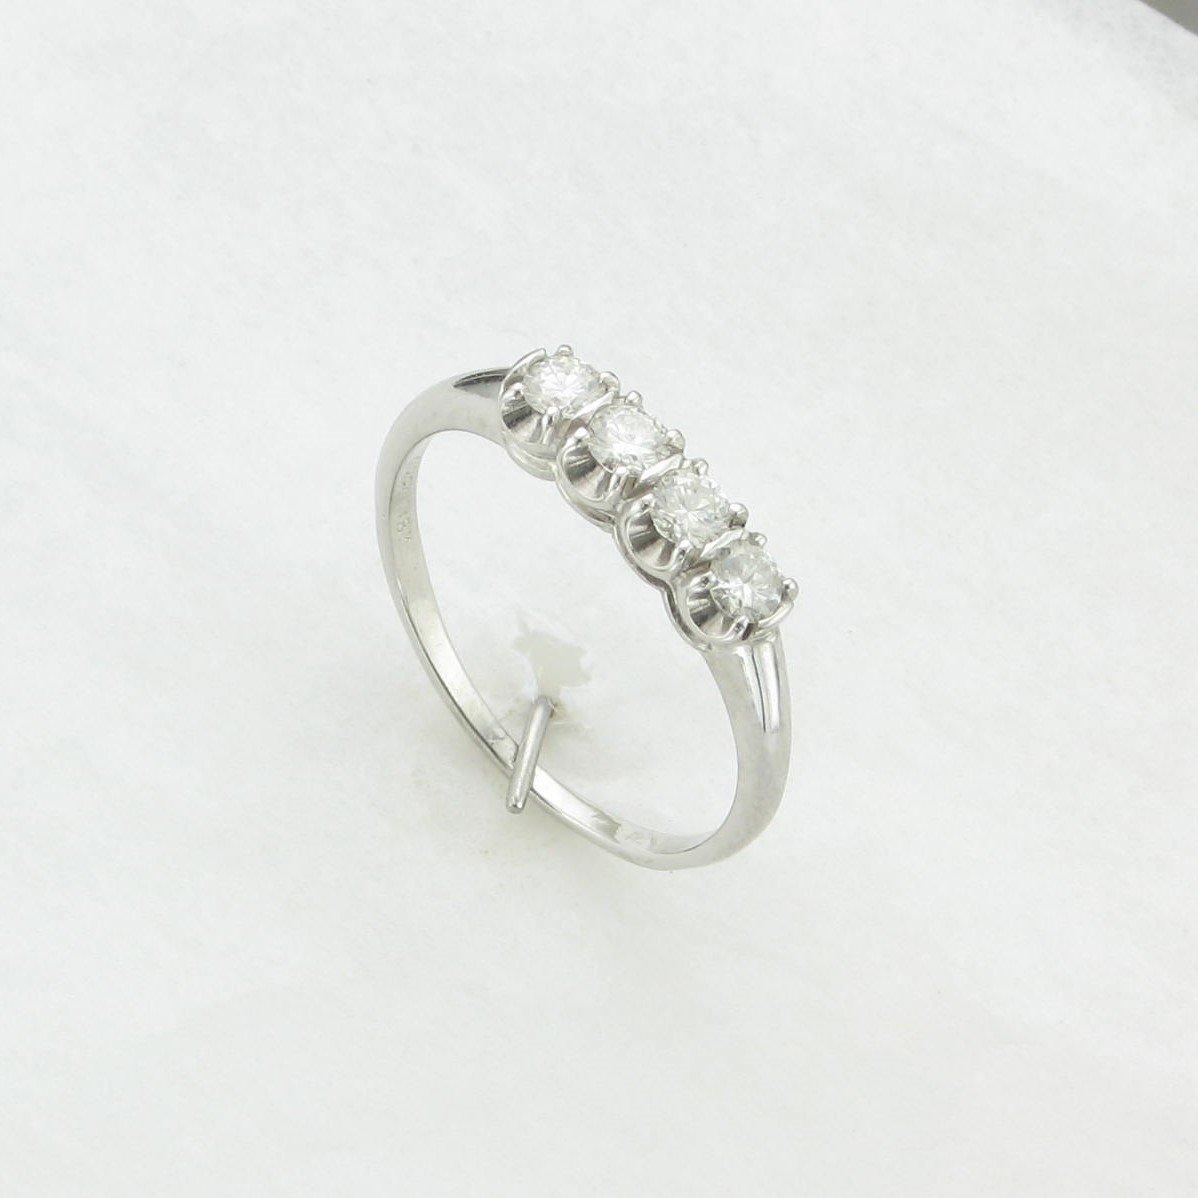 0.30tcw Diamond Wedding Band set in 18K White Gold